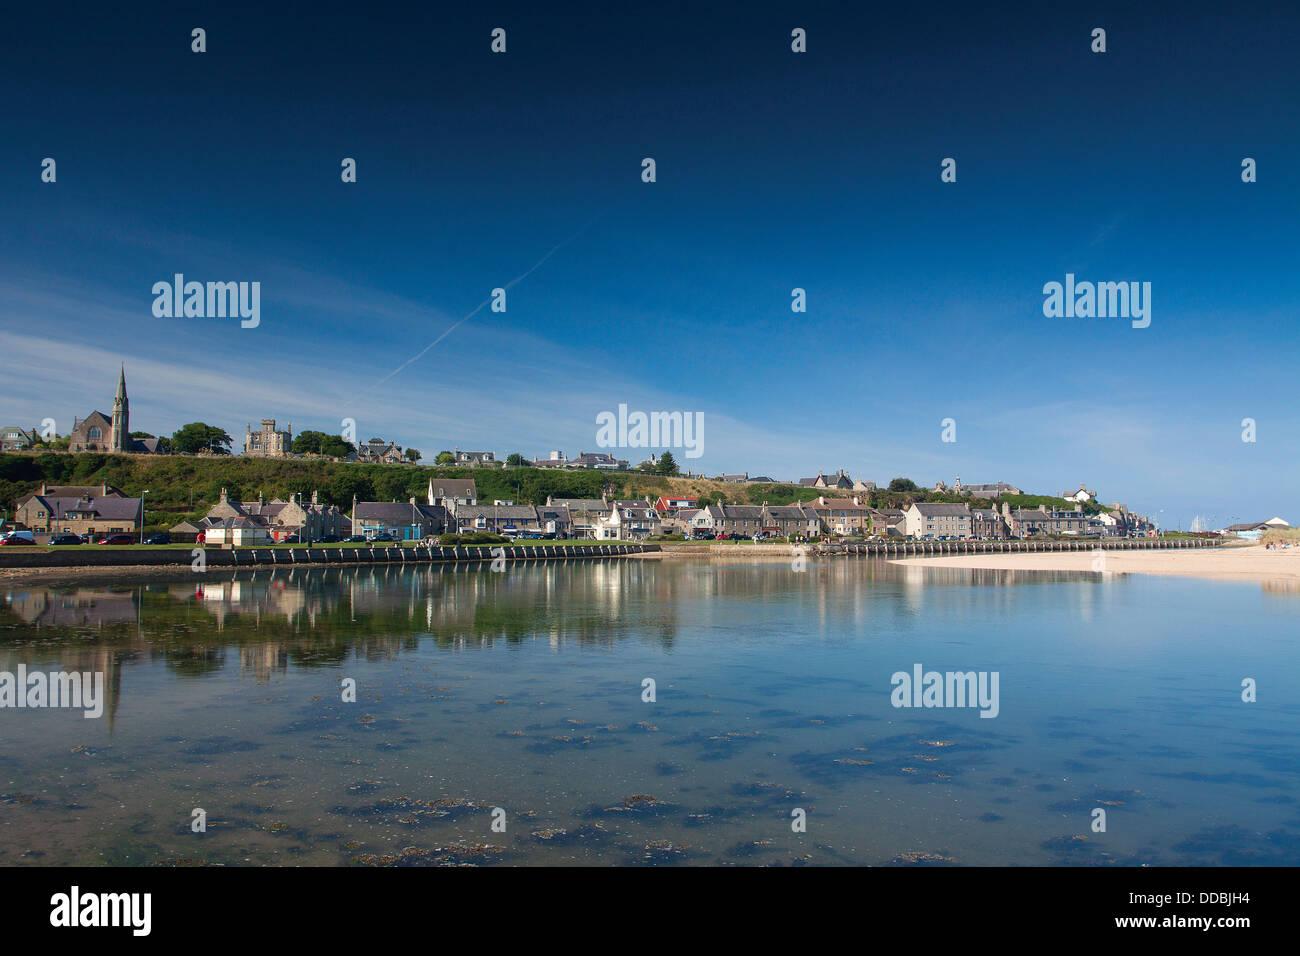 The River Lossie, Seatown, Lossiemouth, Moray - Stock Image